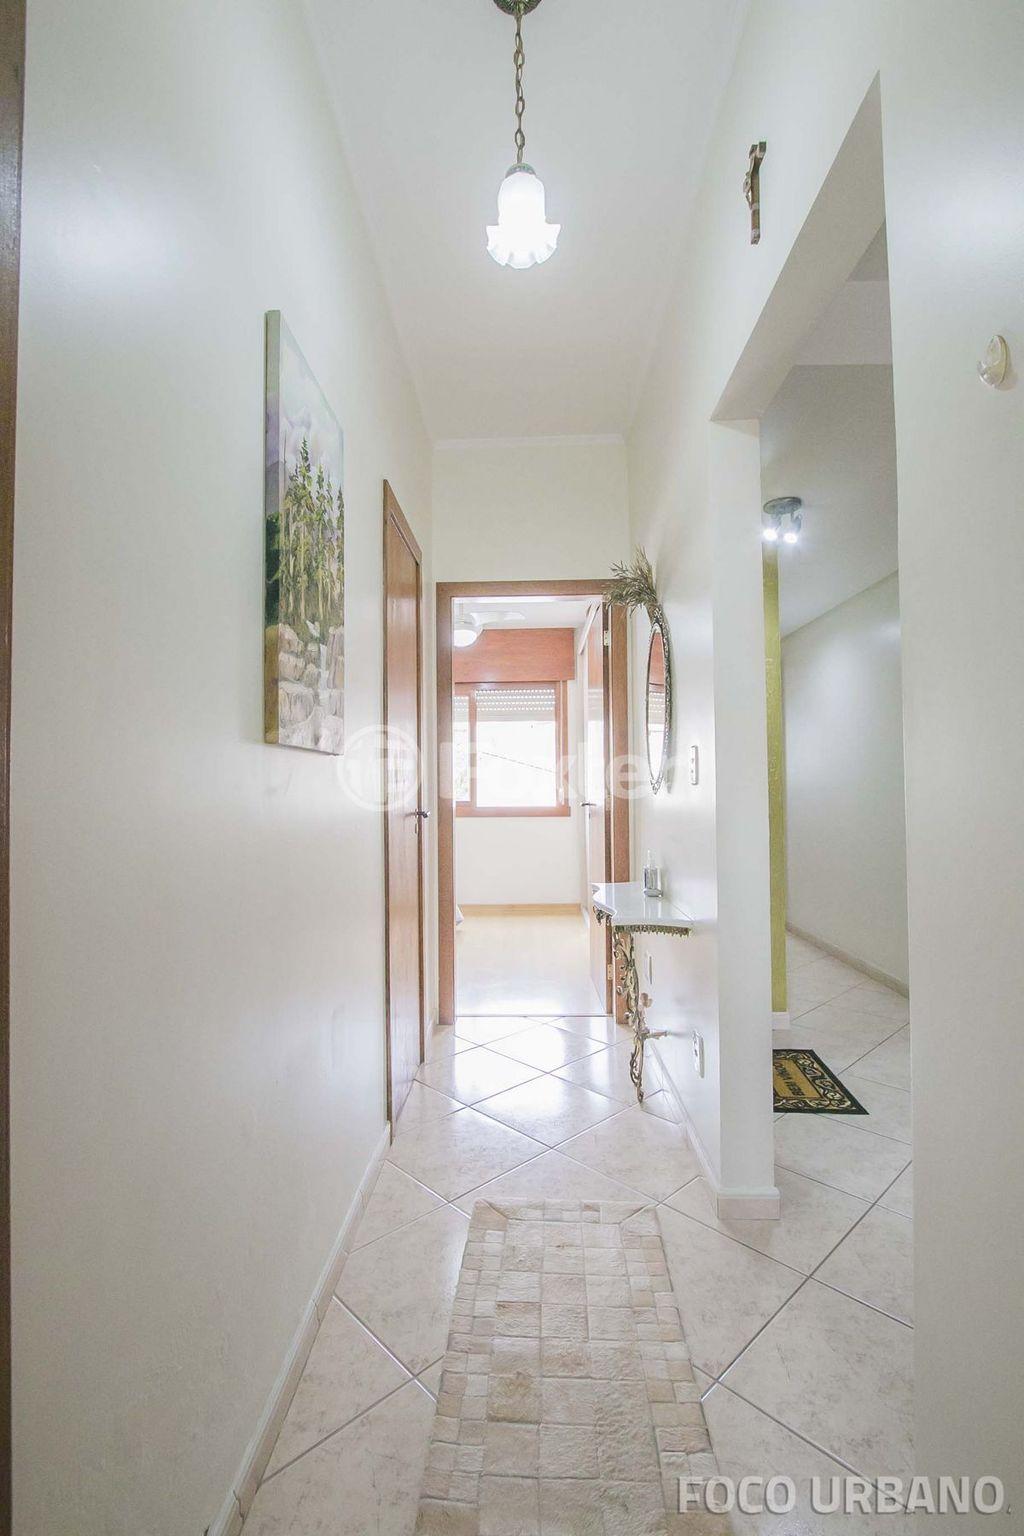 Foxter Imobiliária - Cobertura 4 Dorm (145795) - Foto 8